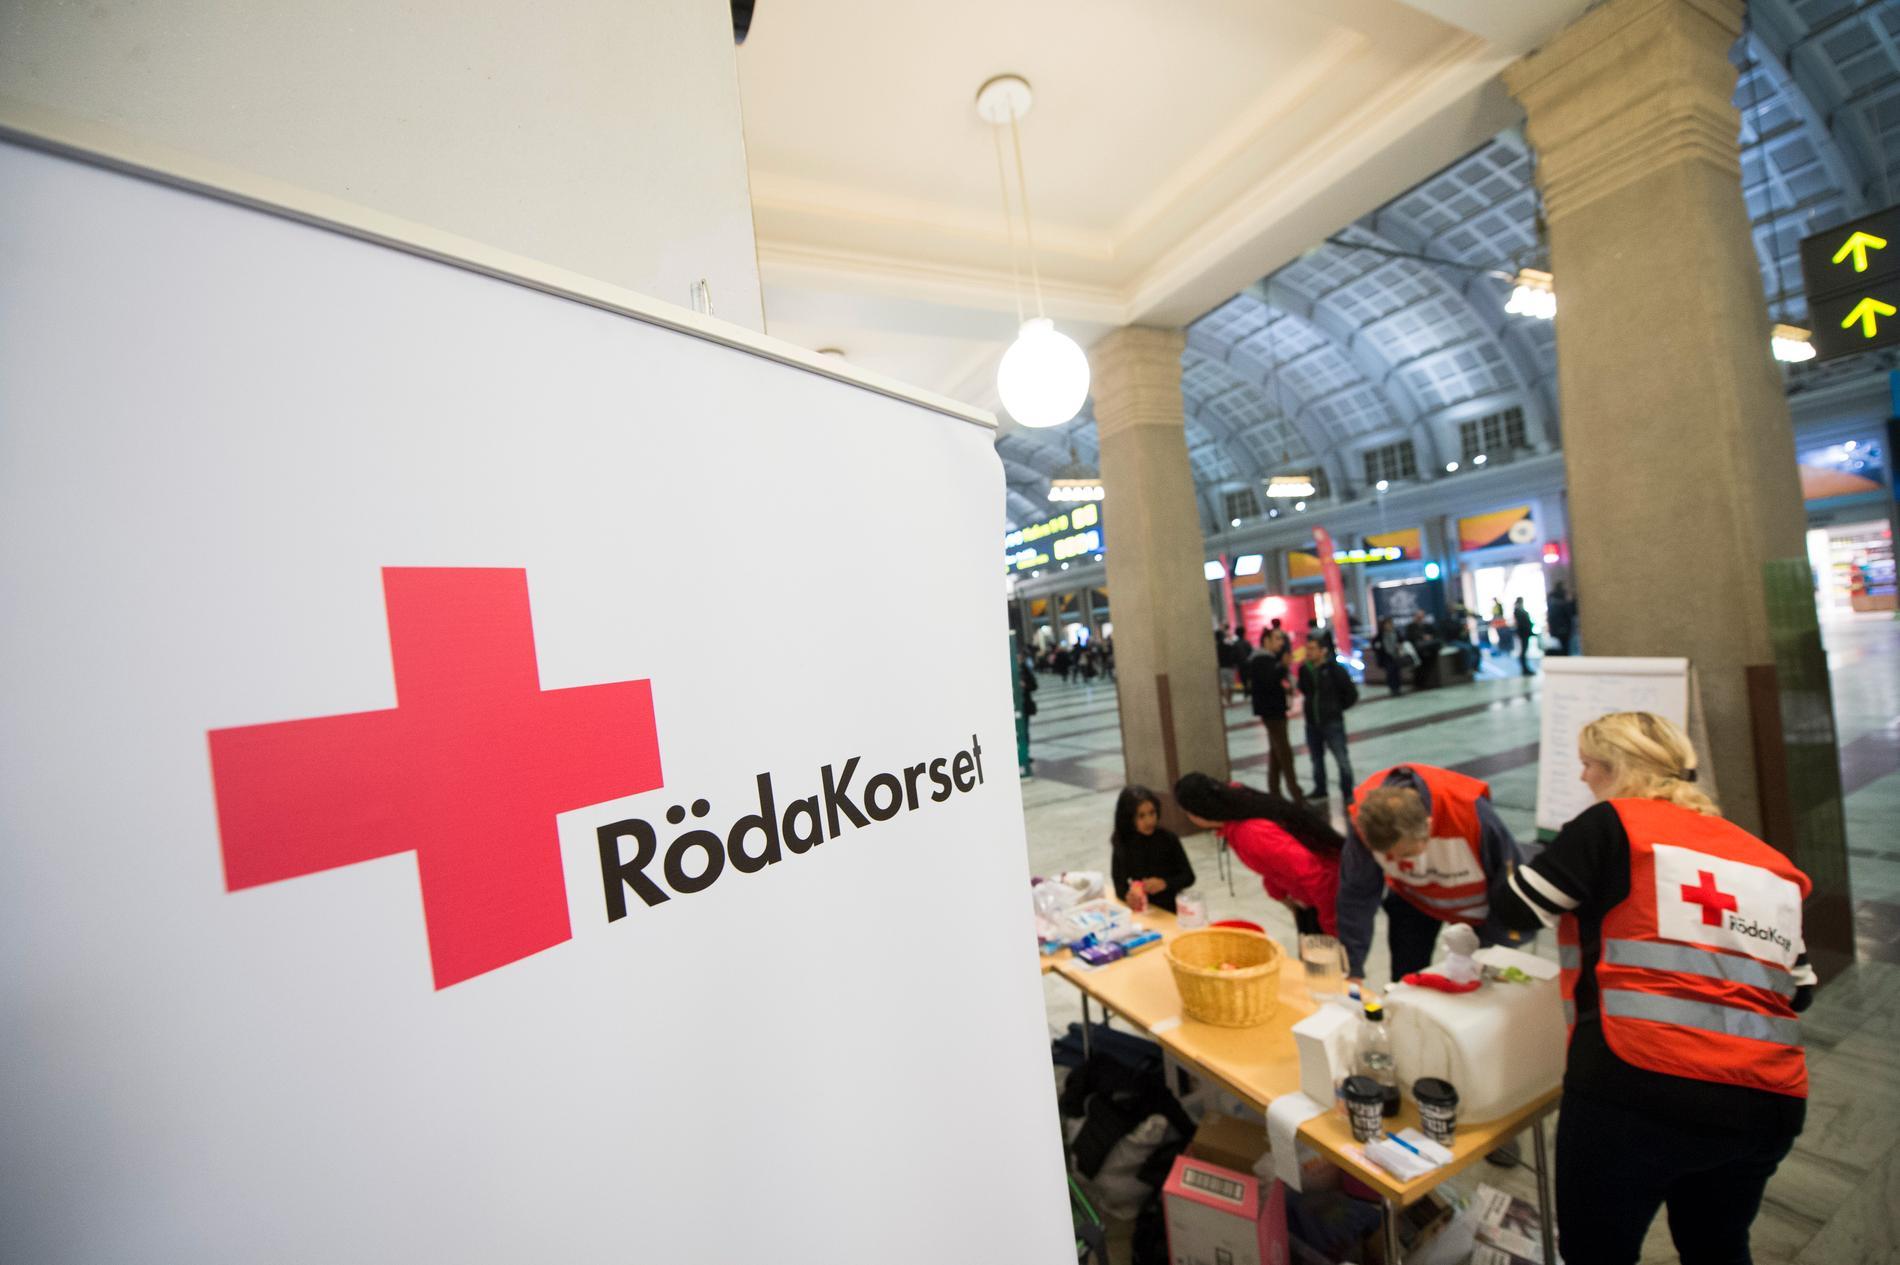 Ett misstänkt bedrägeriförsök har skett på Röda Korsets Facebooksida.